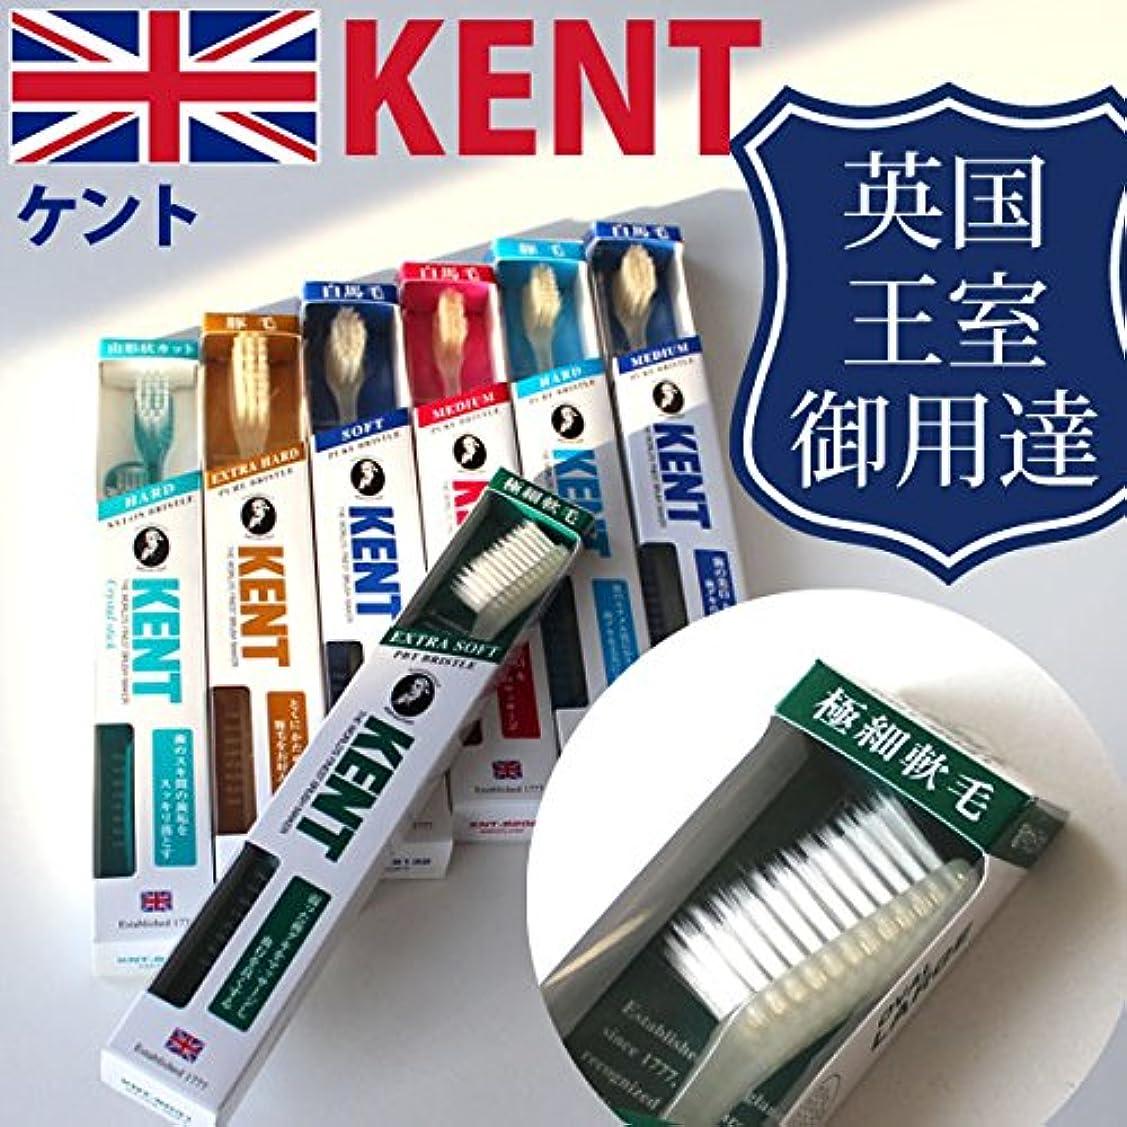 挑発する剣サイレンケント KENT オーバルラージヘッド極細軟毛/歯ブラシKNT-9031 超やわらかめ 6本入り